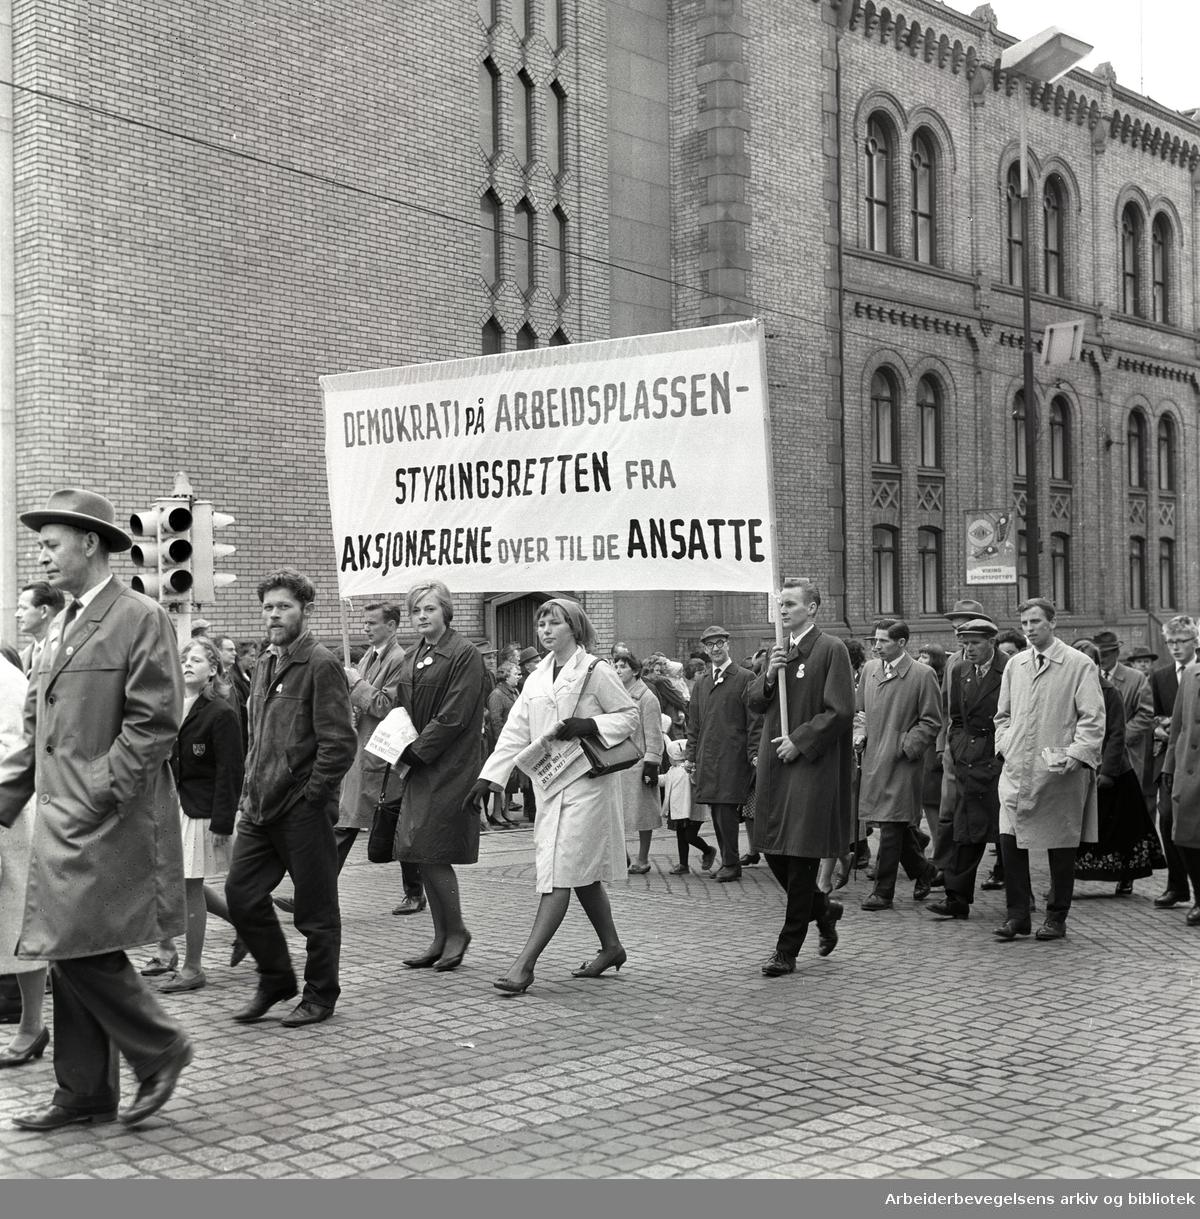 1. mai 1963 i Oslo.Demonstrasjonstog arrangert av Komiteen for faglig enhet med støtte av Sosialistisk Folkeparti (SF) og Norges Kommunistiske Parti (NKP).Parole: Demokrati på arbeidsplassen. Styringsretten fra aksjonærene over til de ansatte..